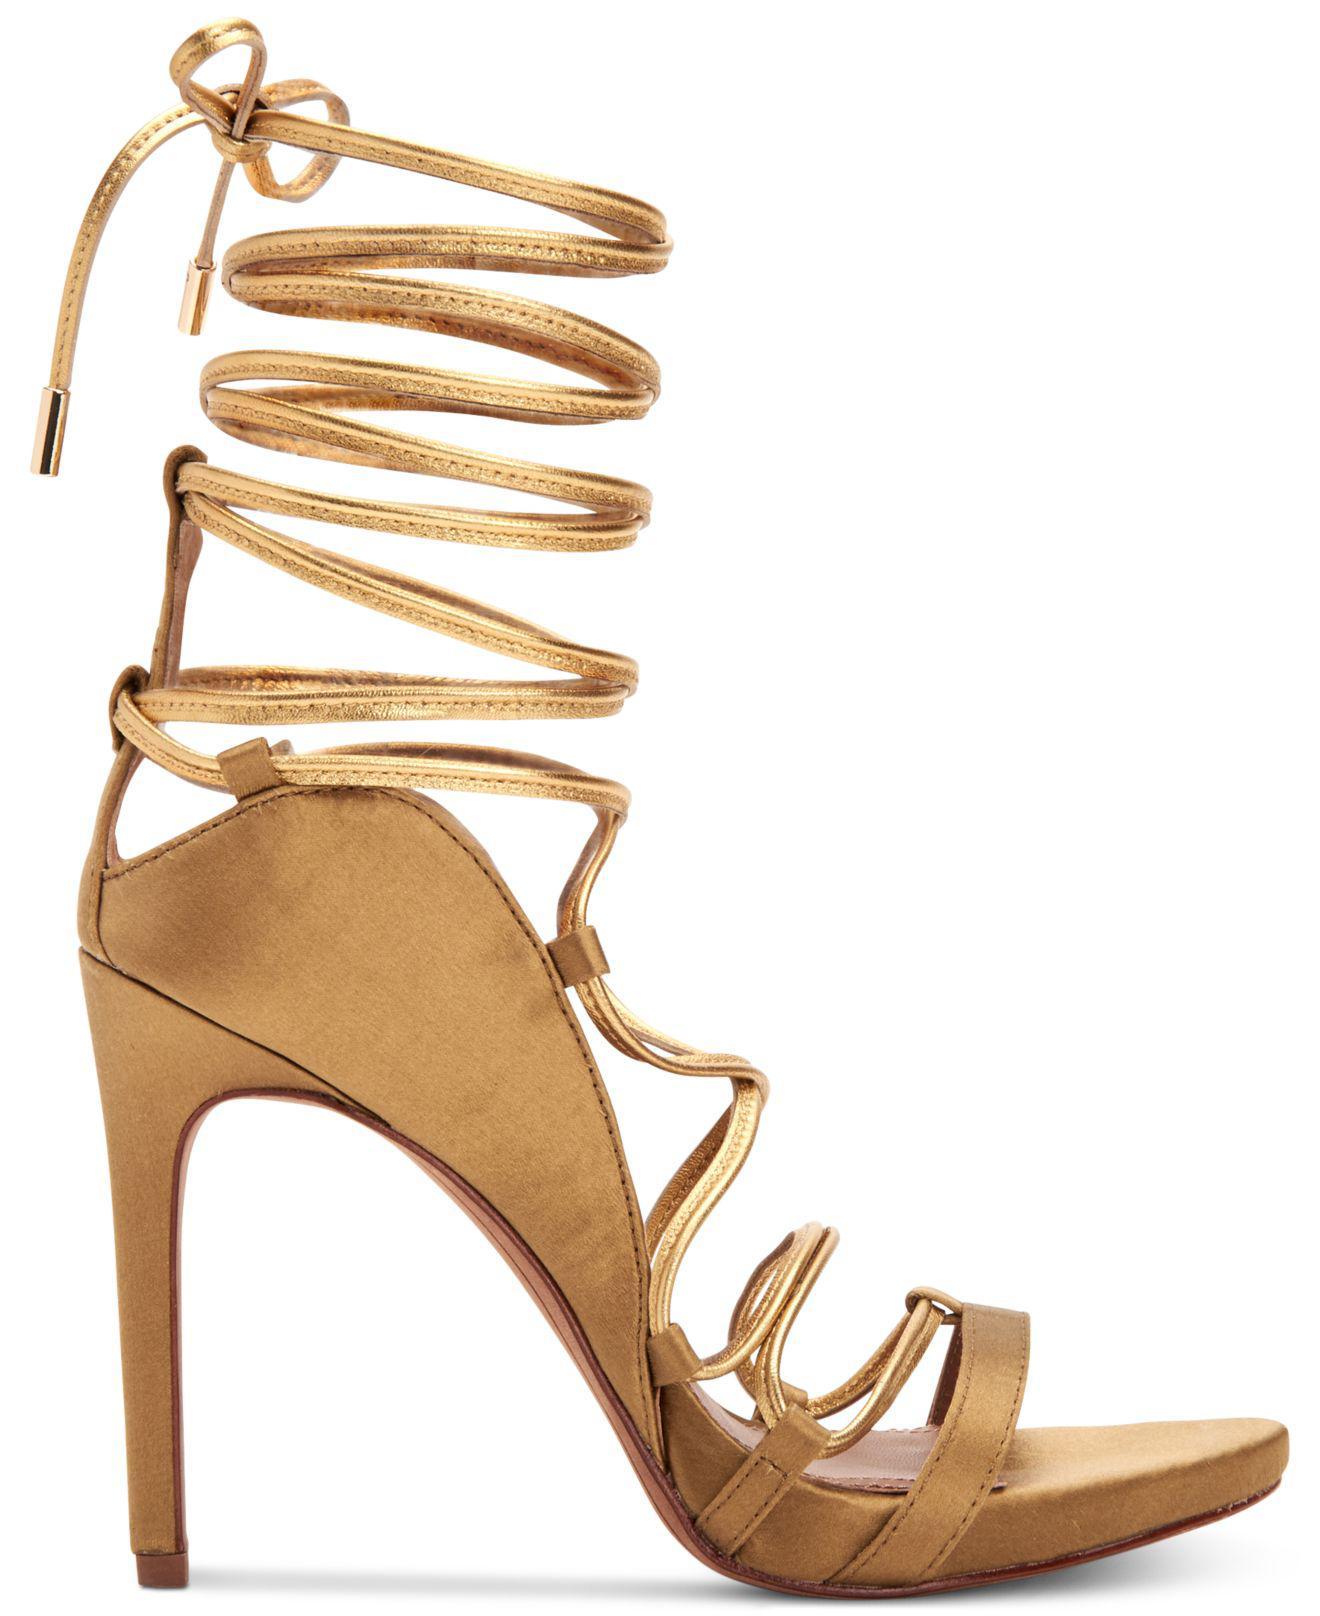 d4d0ee585523 Lyst - BCBGMAXAZRIA Esme Strappy Dress Sandals in Metallic - Save 31%